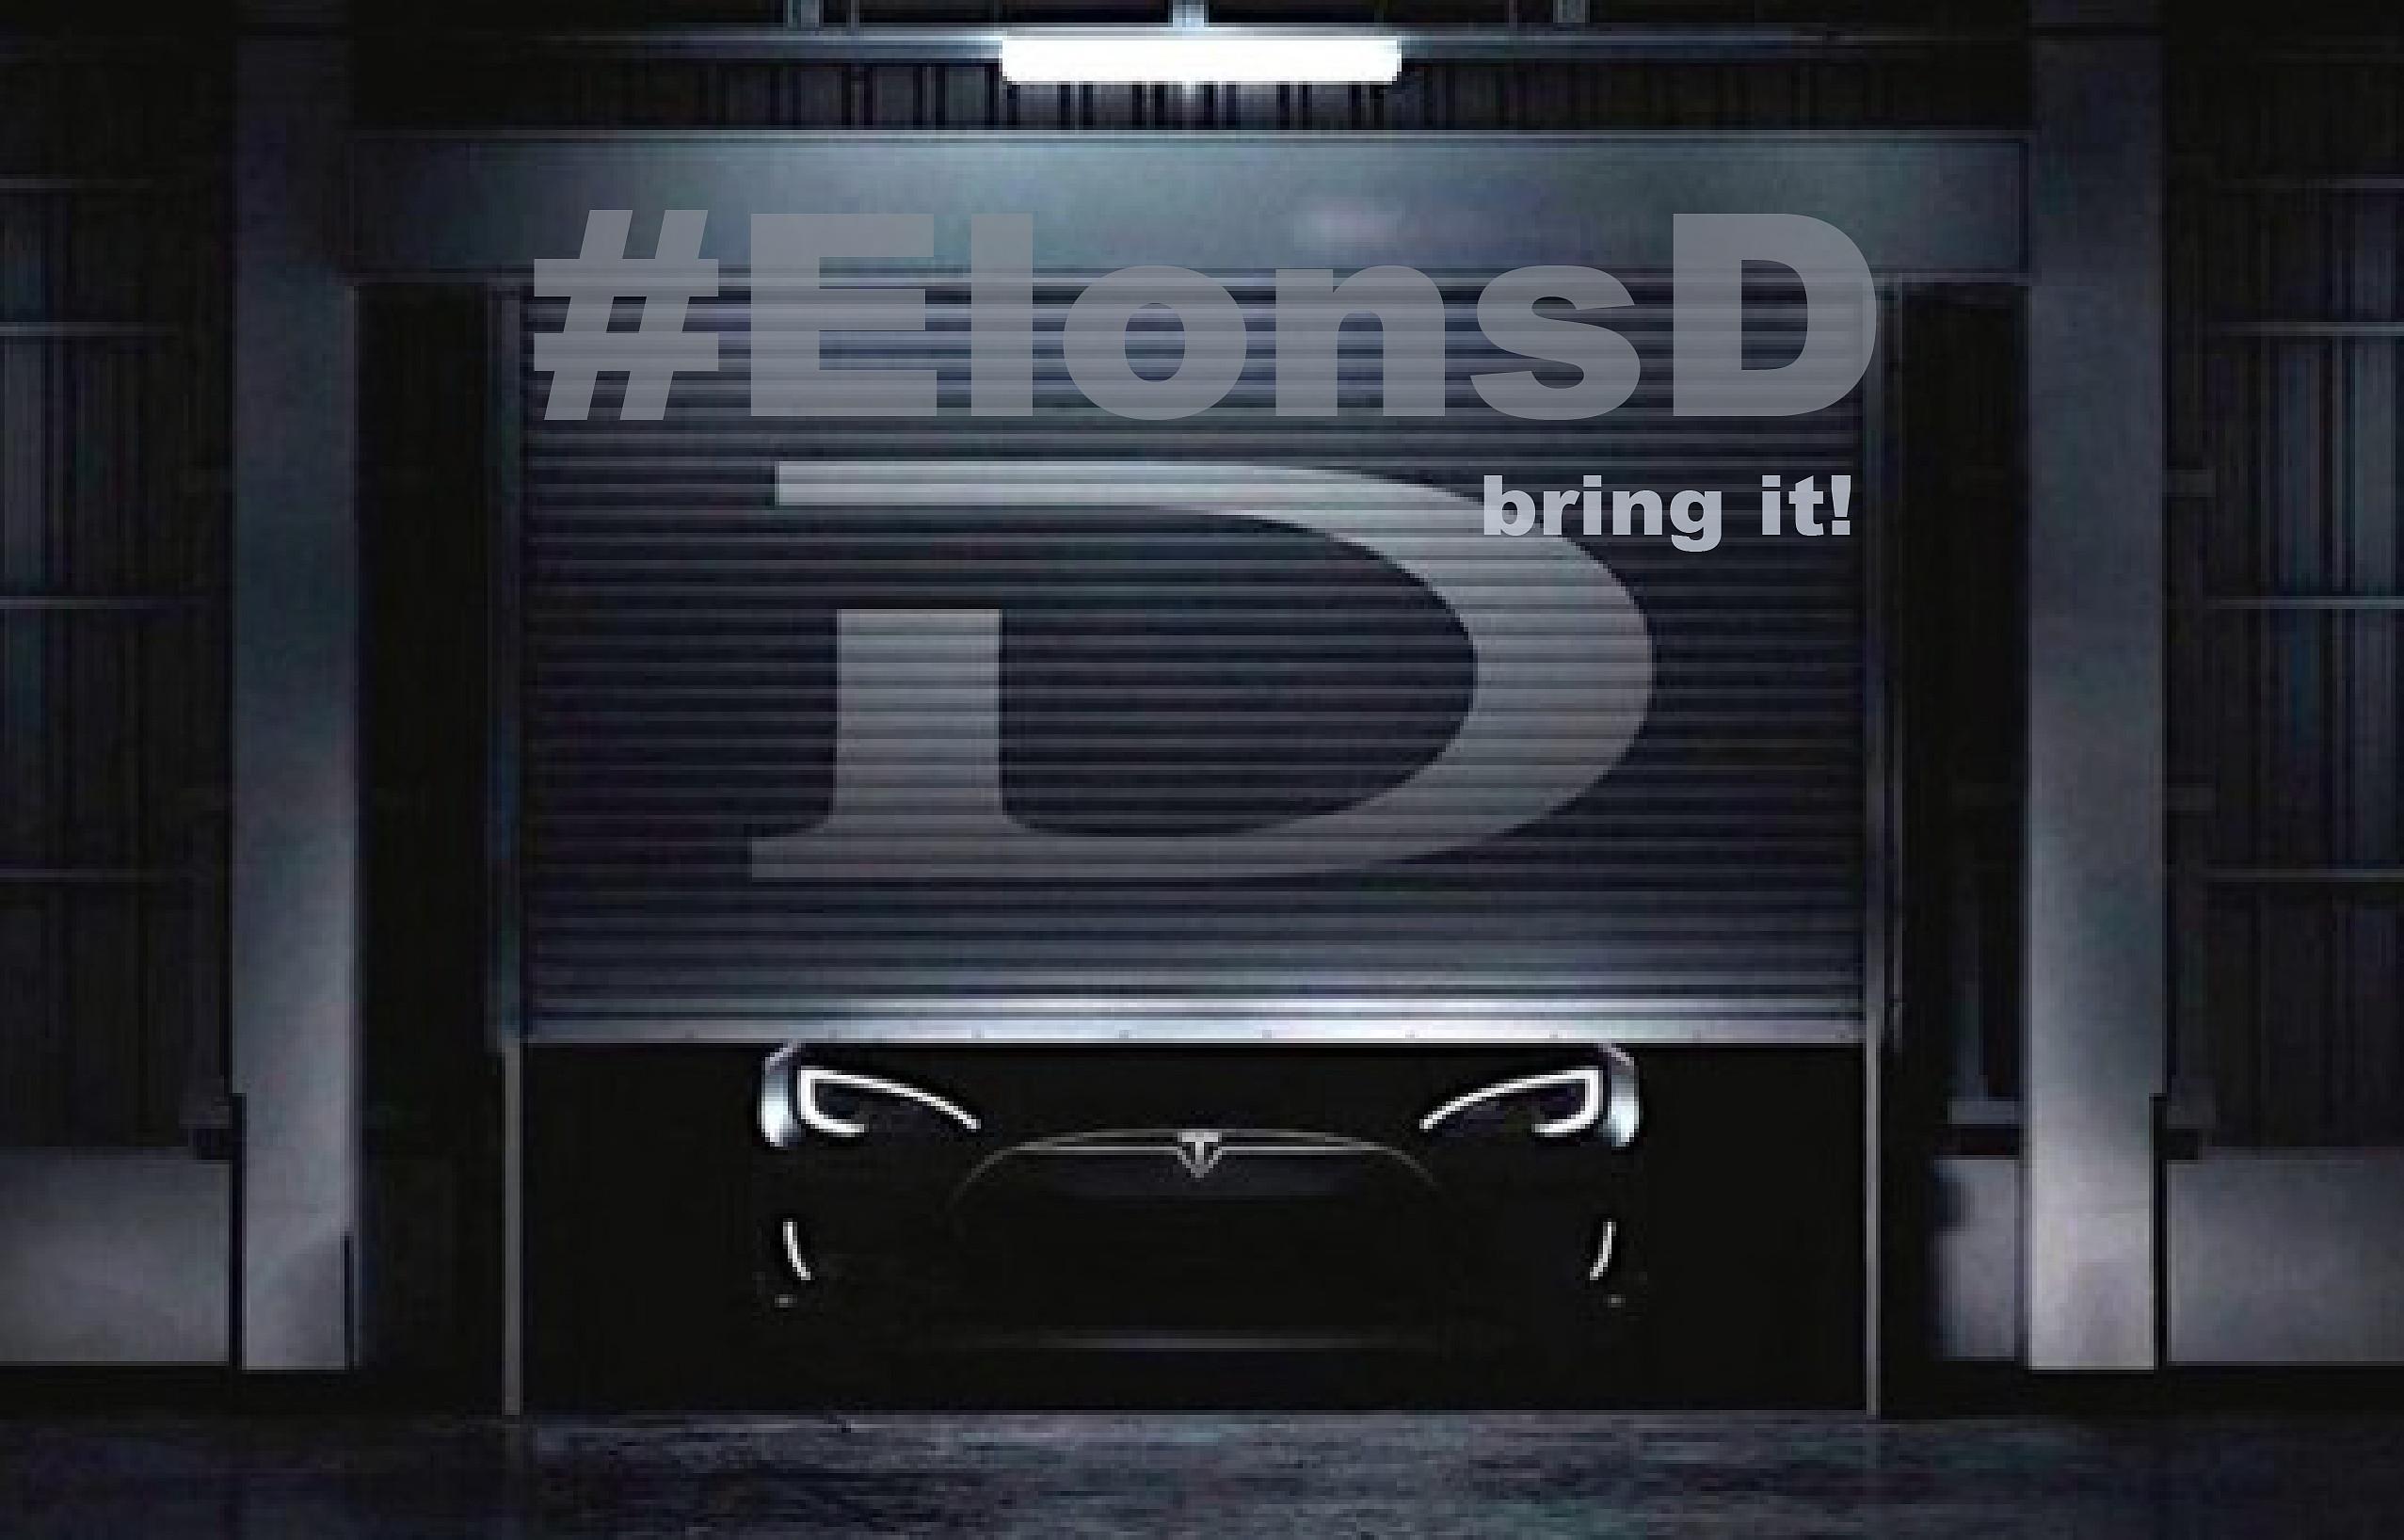 Tesla-Oct-9-ElonsD